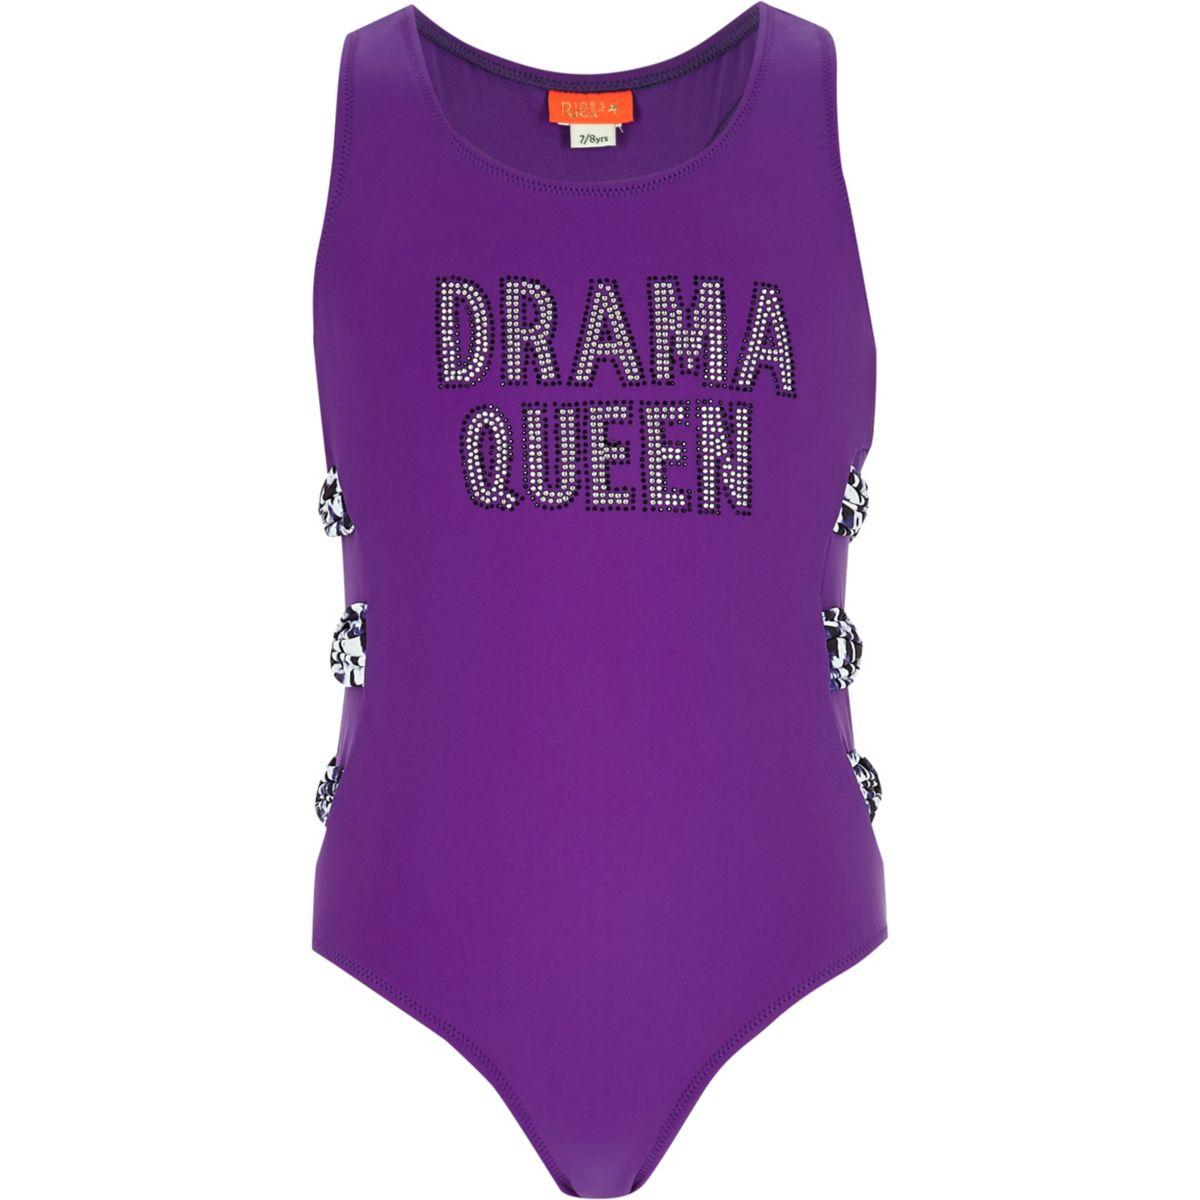 Maillot une-pièce « drama queen » violet pour fille